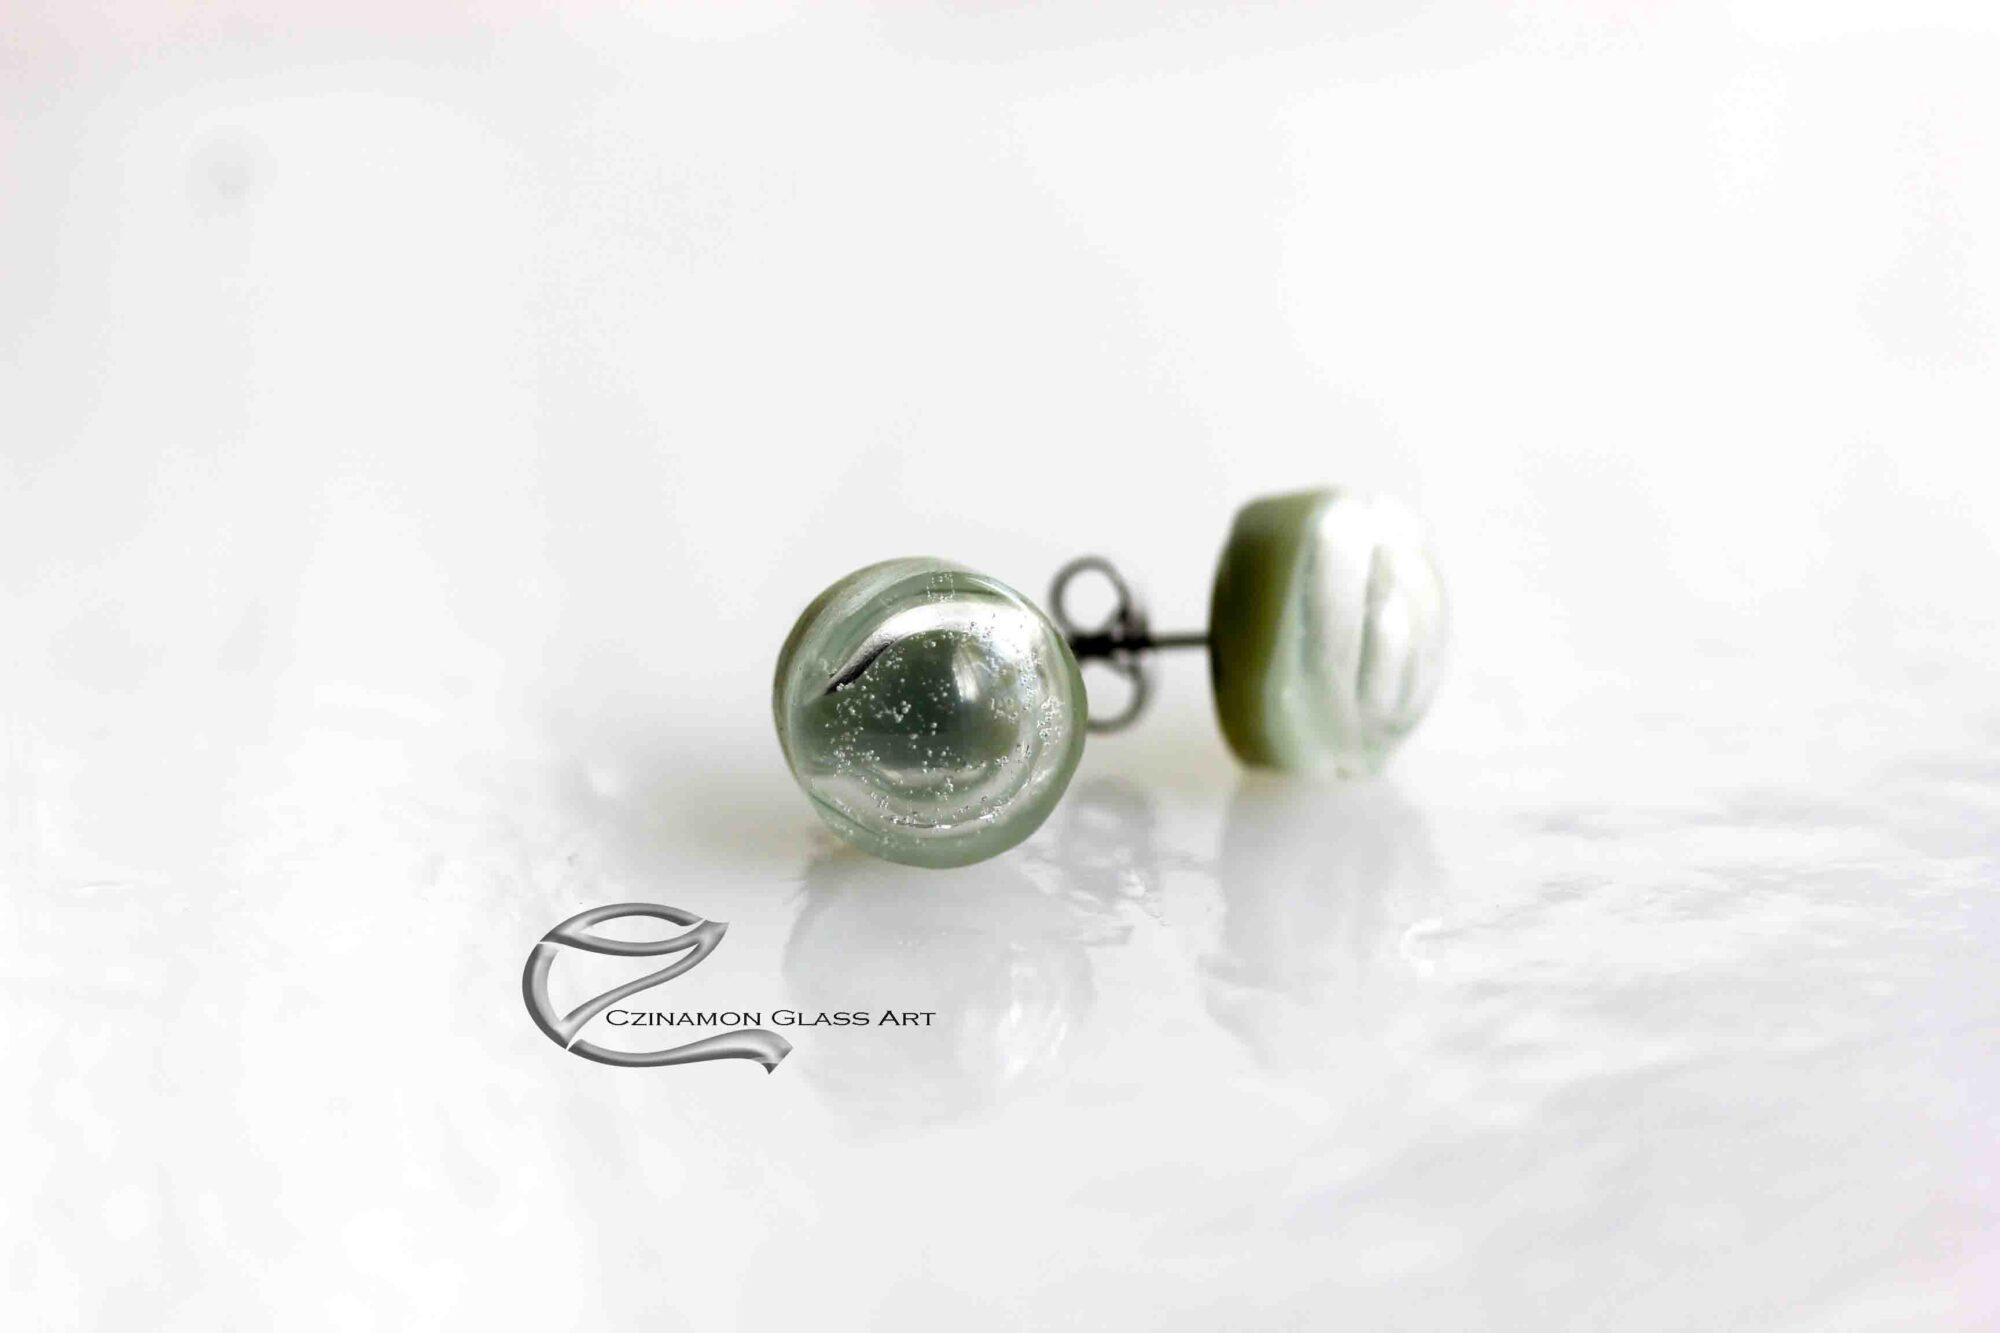 Halványzöld üveg fülbevaló